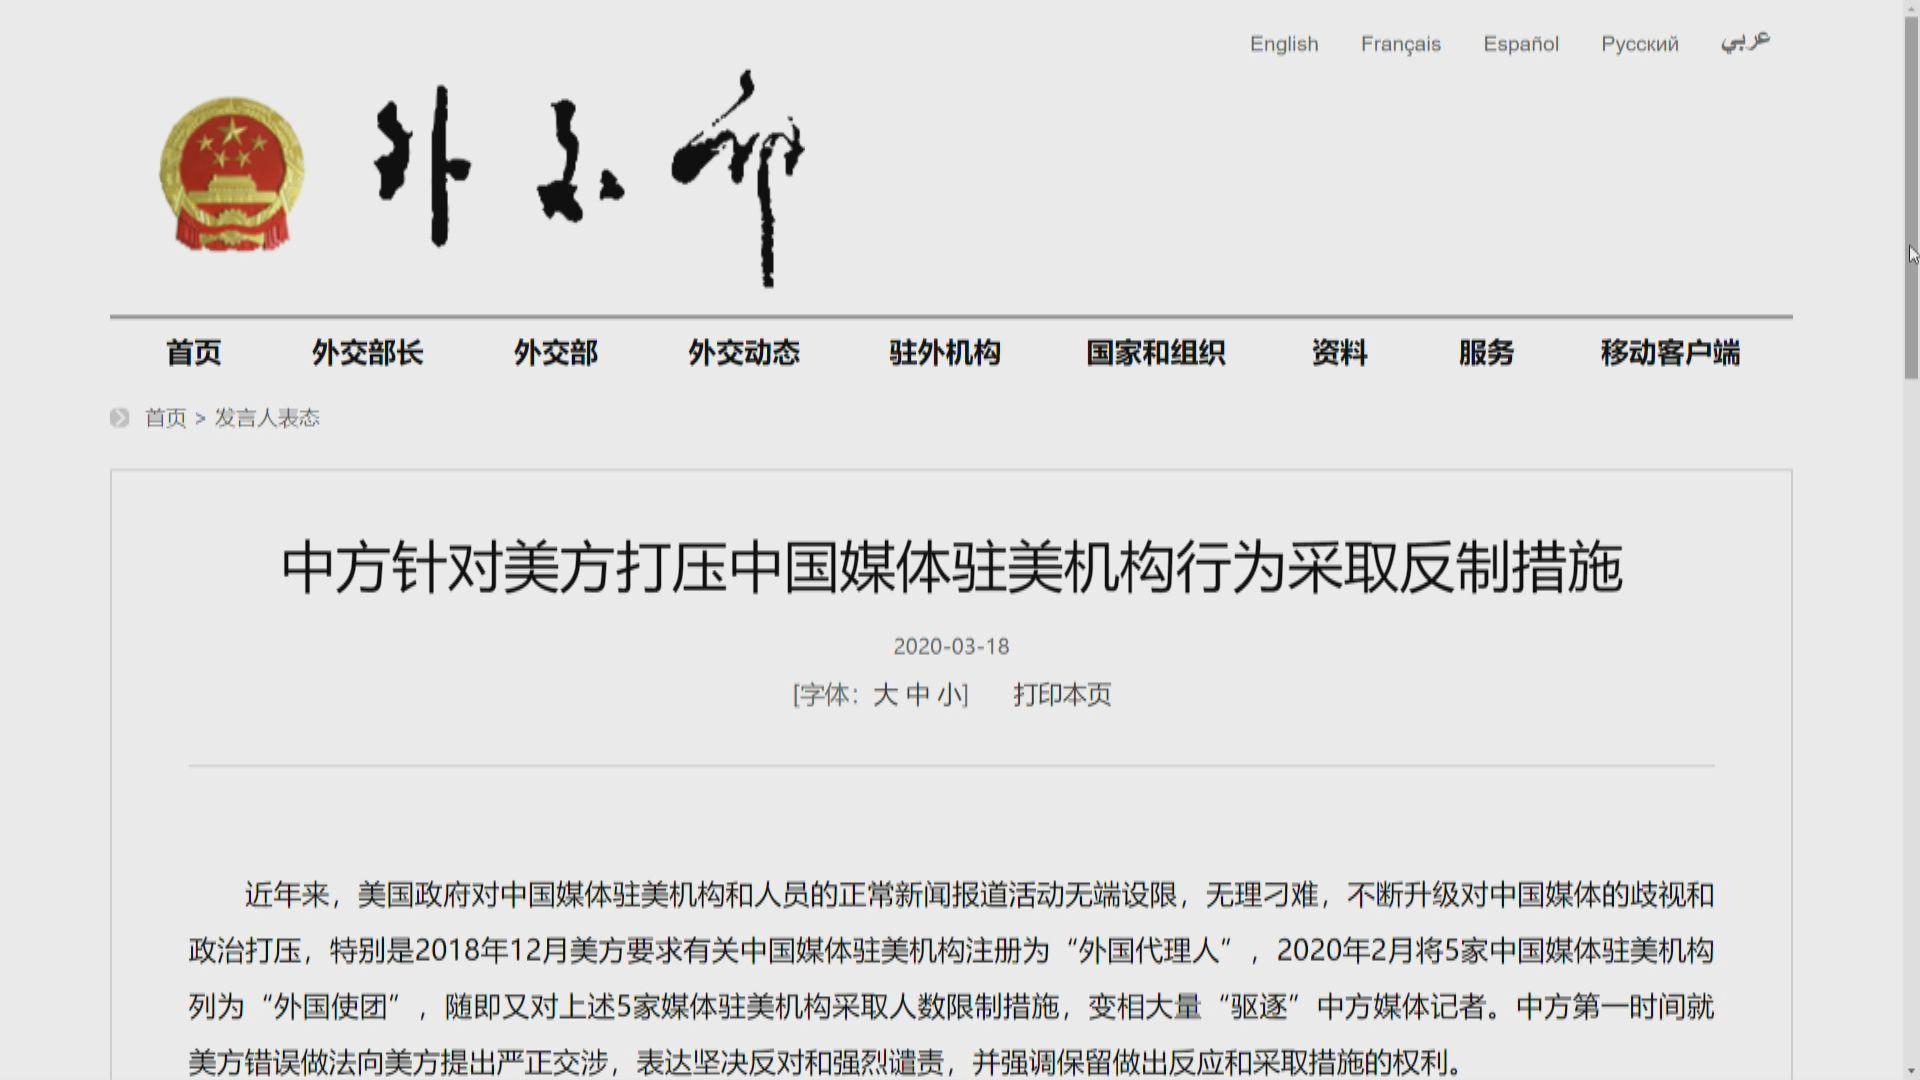 美國收緊中國記者簽證規定 港澳記者不受影響